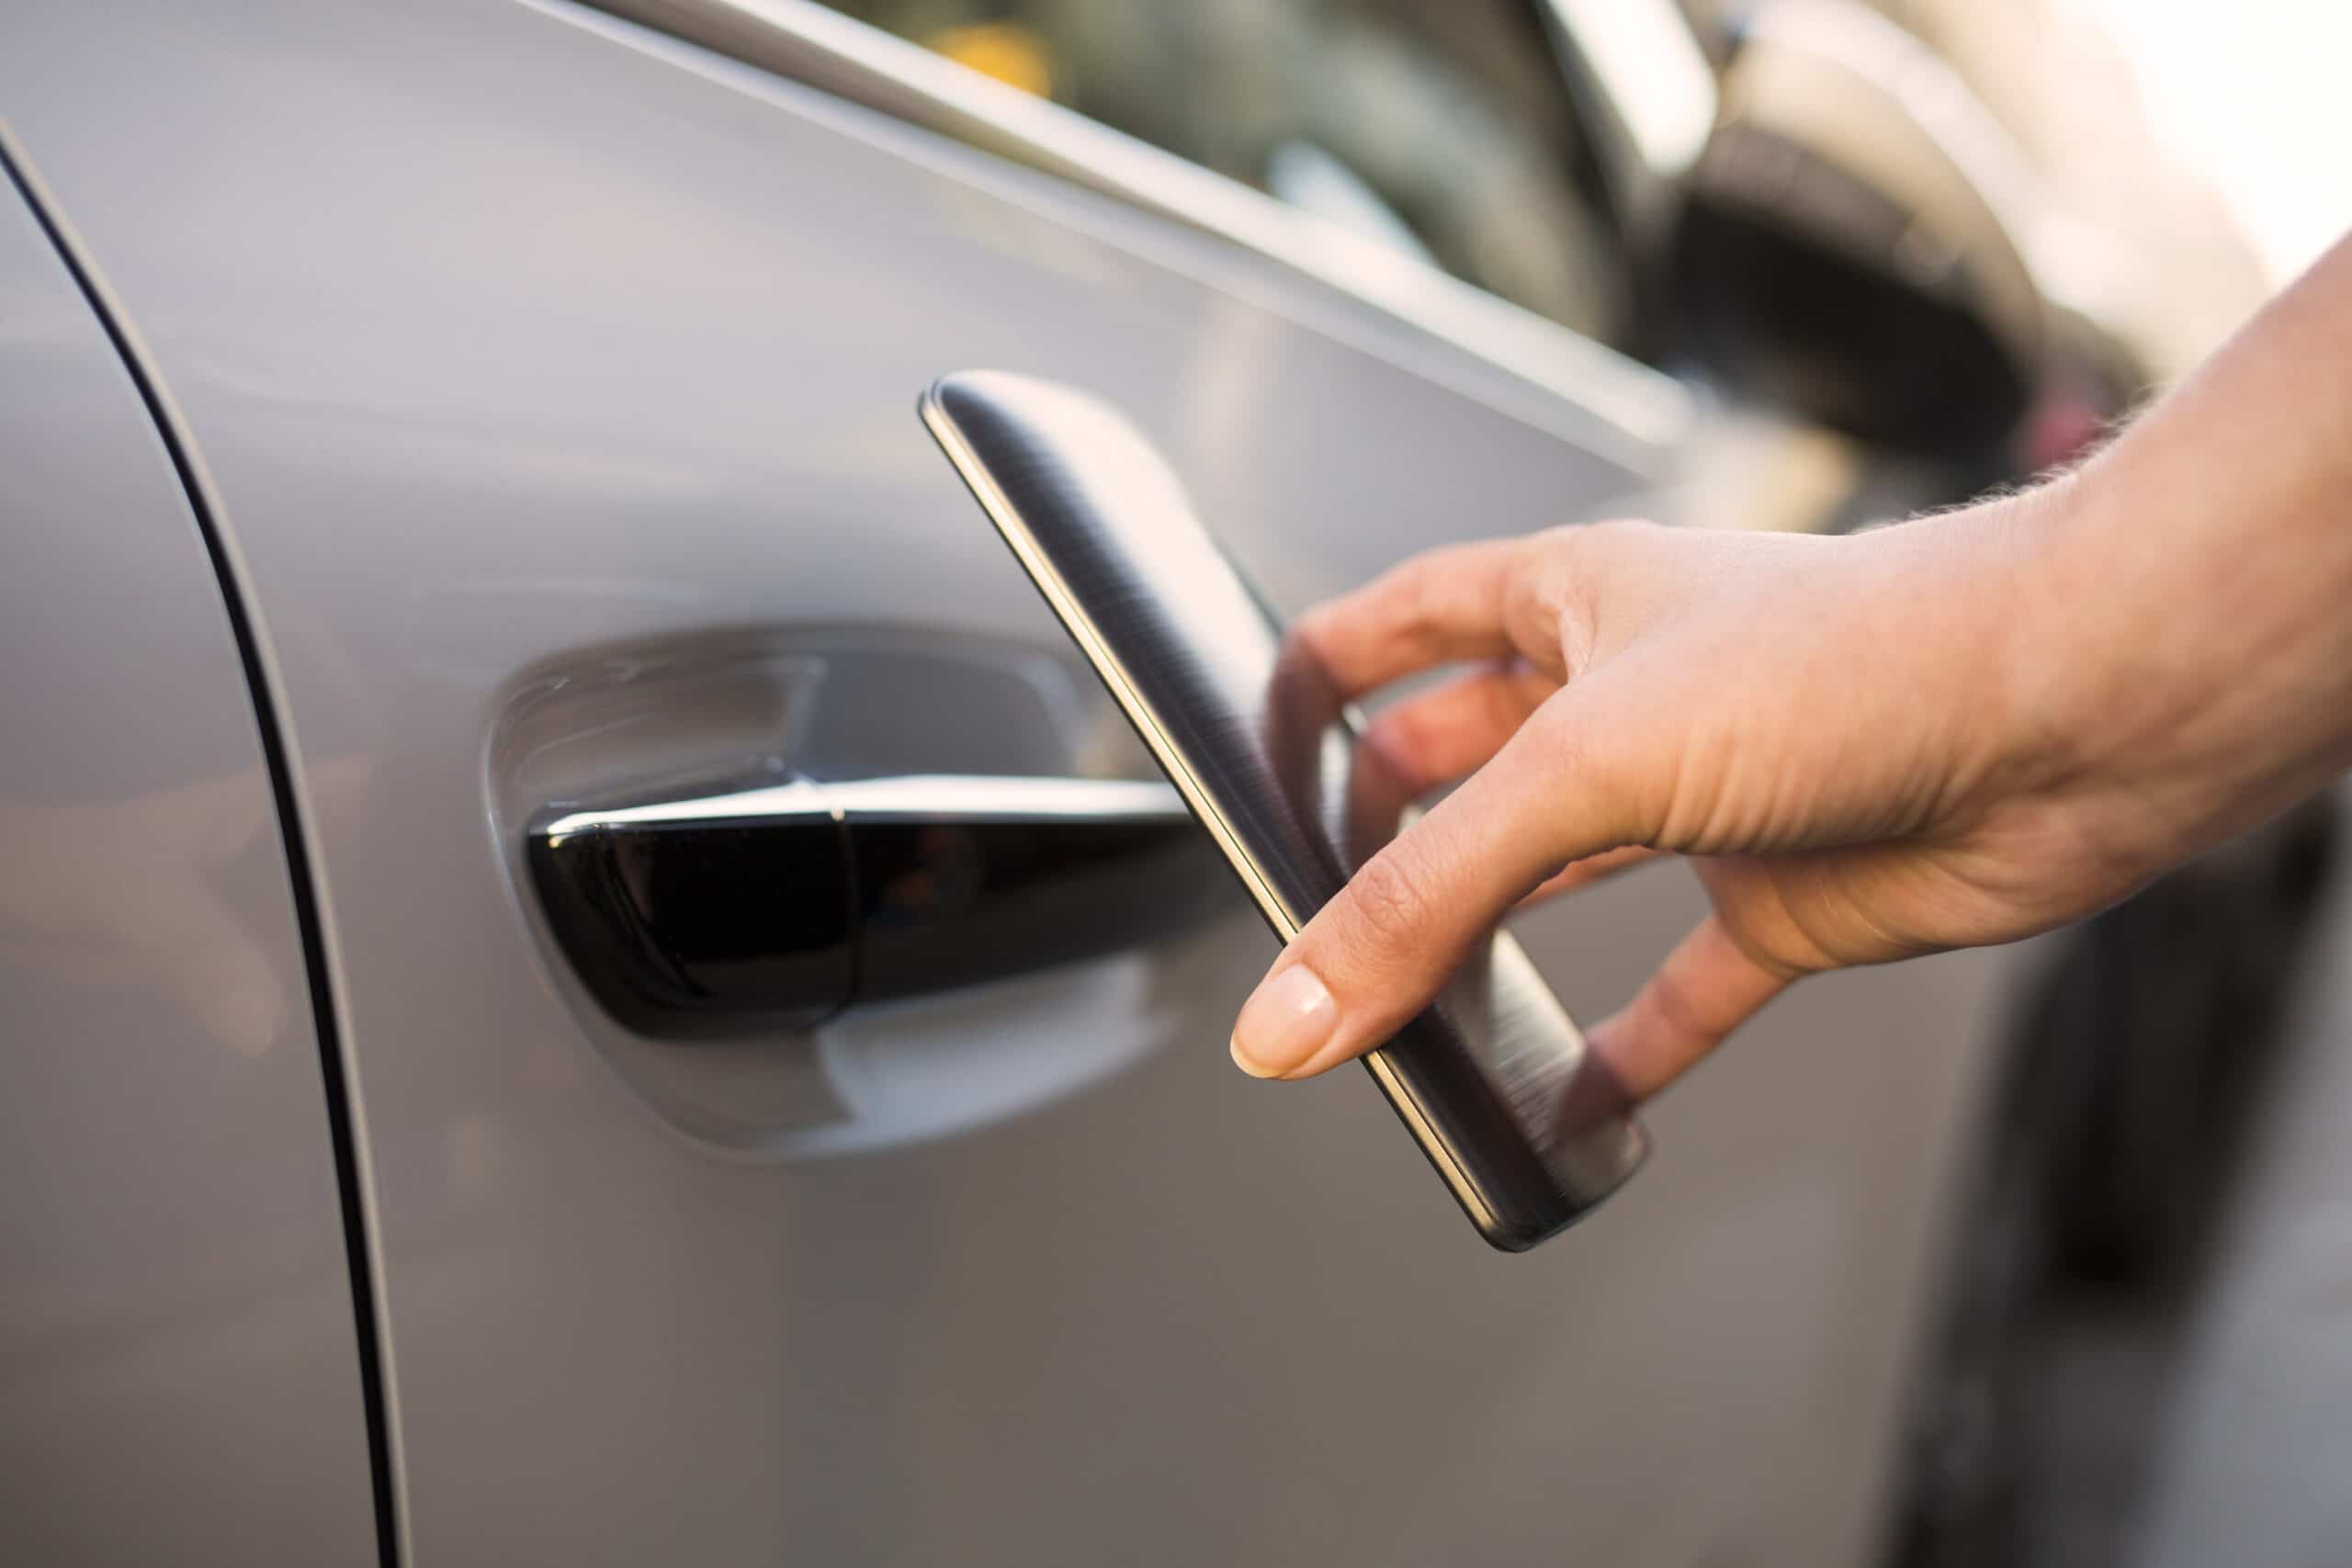 Automotive keyless entry NFC